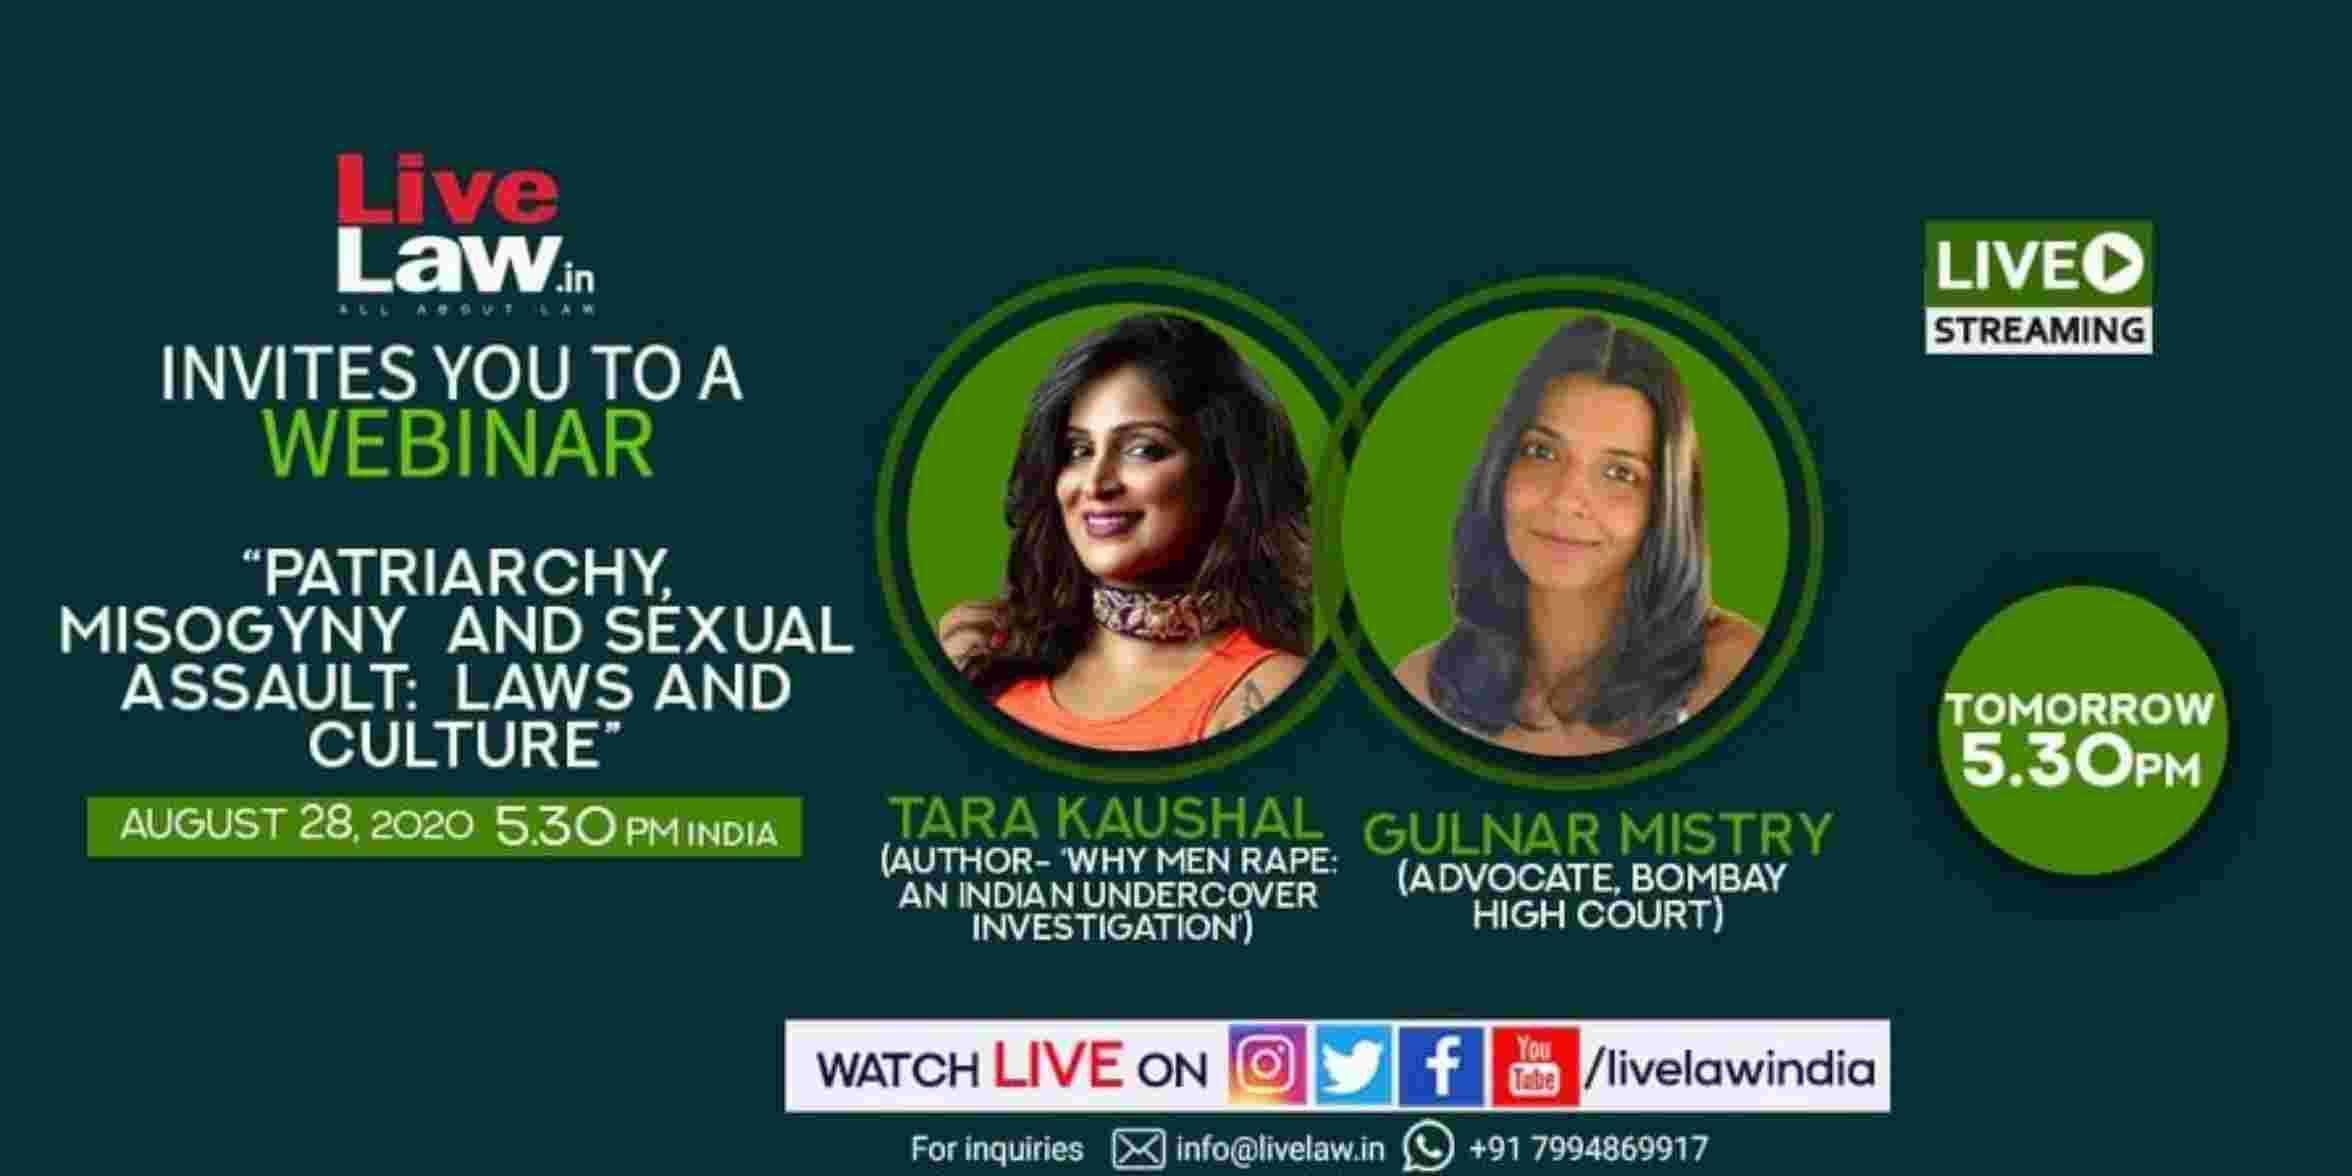 (LIVE NOW ) पितृसत्ता, दुराचार और यौन हमले : कानून और संस्कृति : तारा कौशल और गुलनार मिस्त्री के साथ वेबिनार